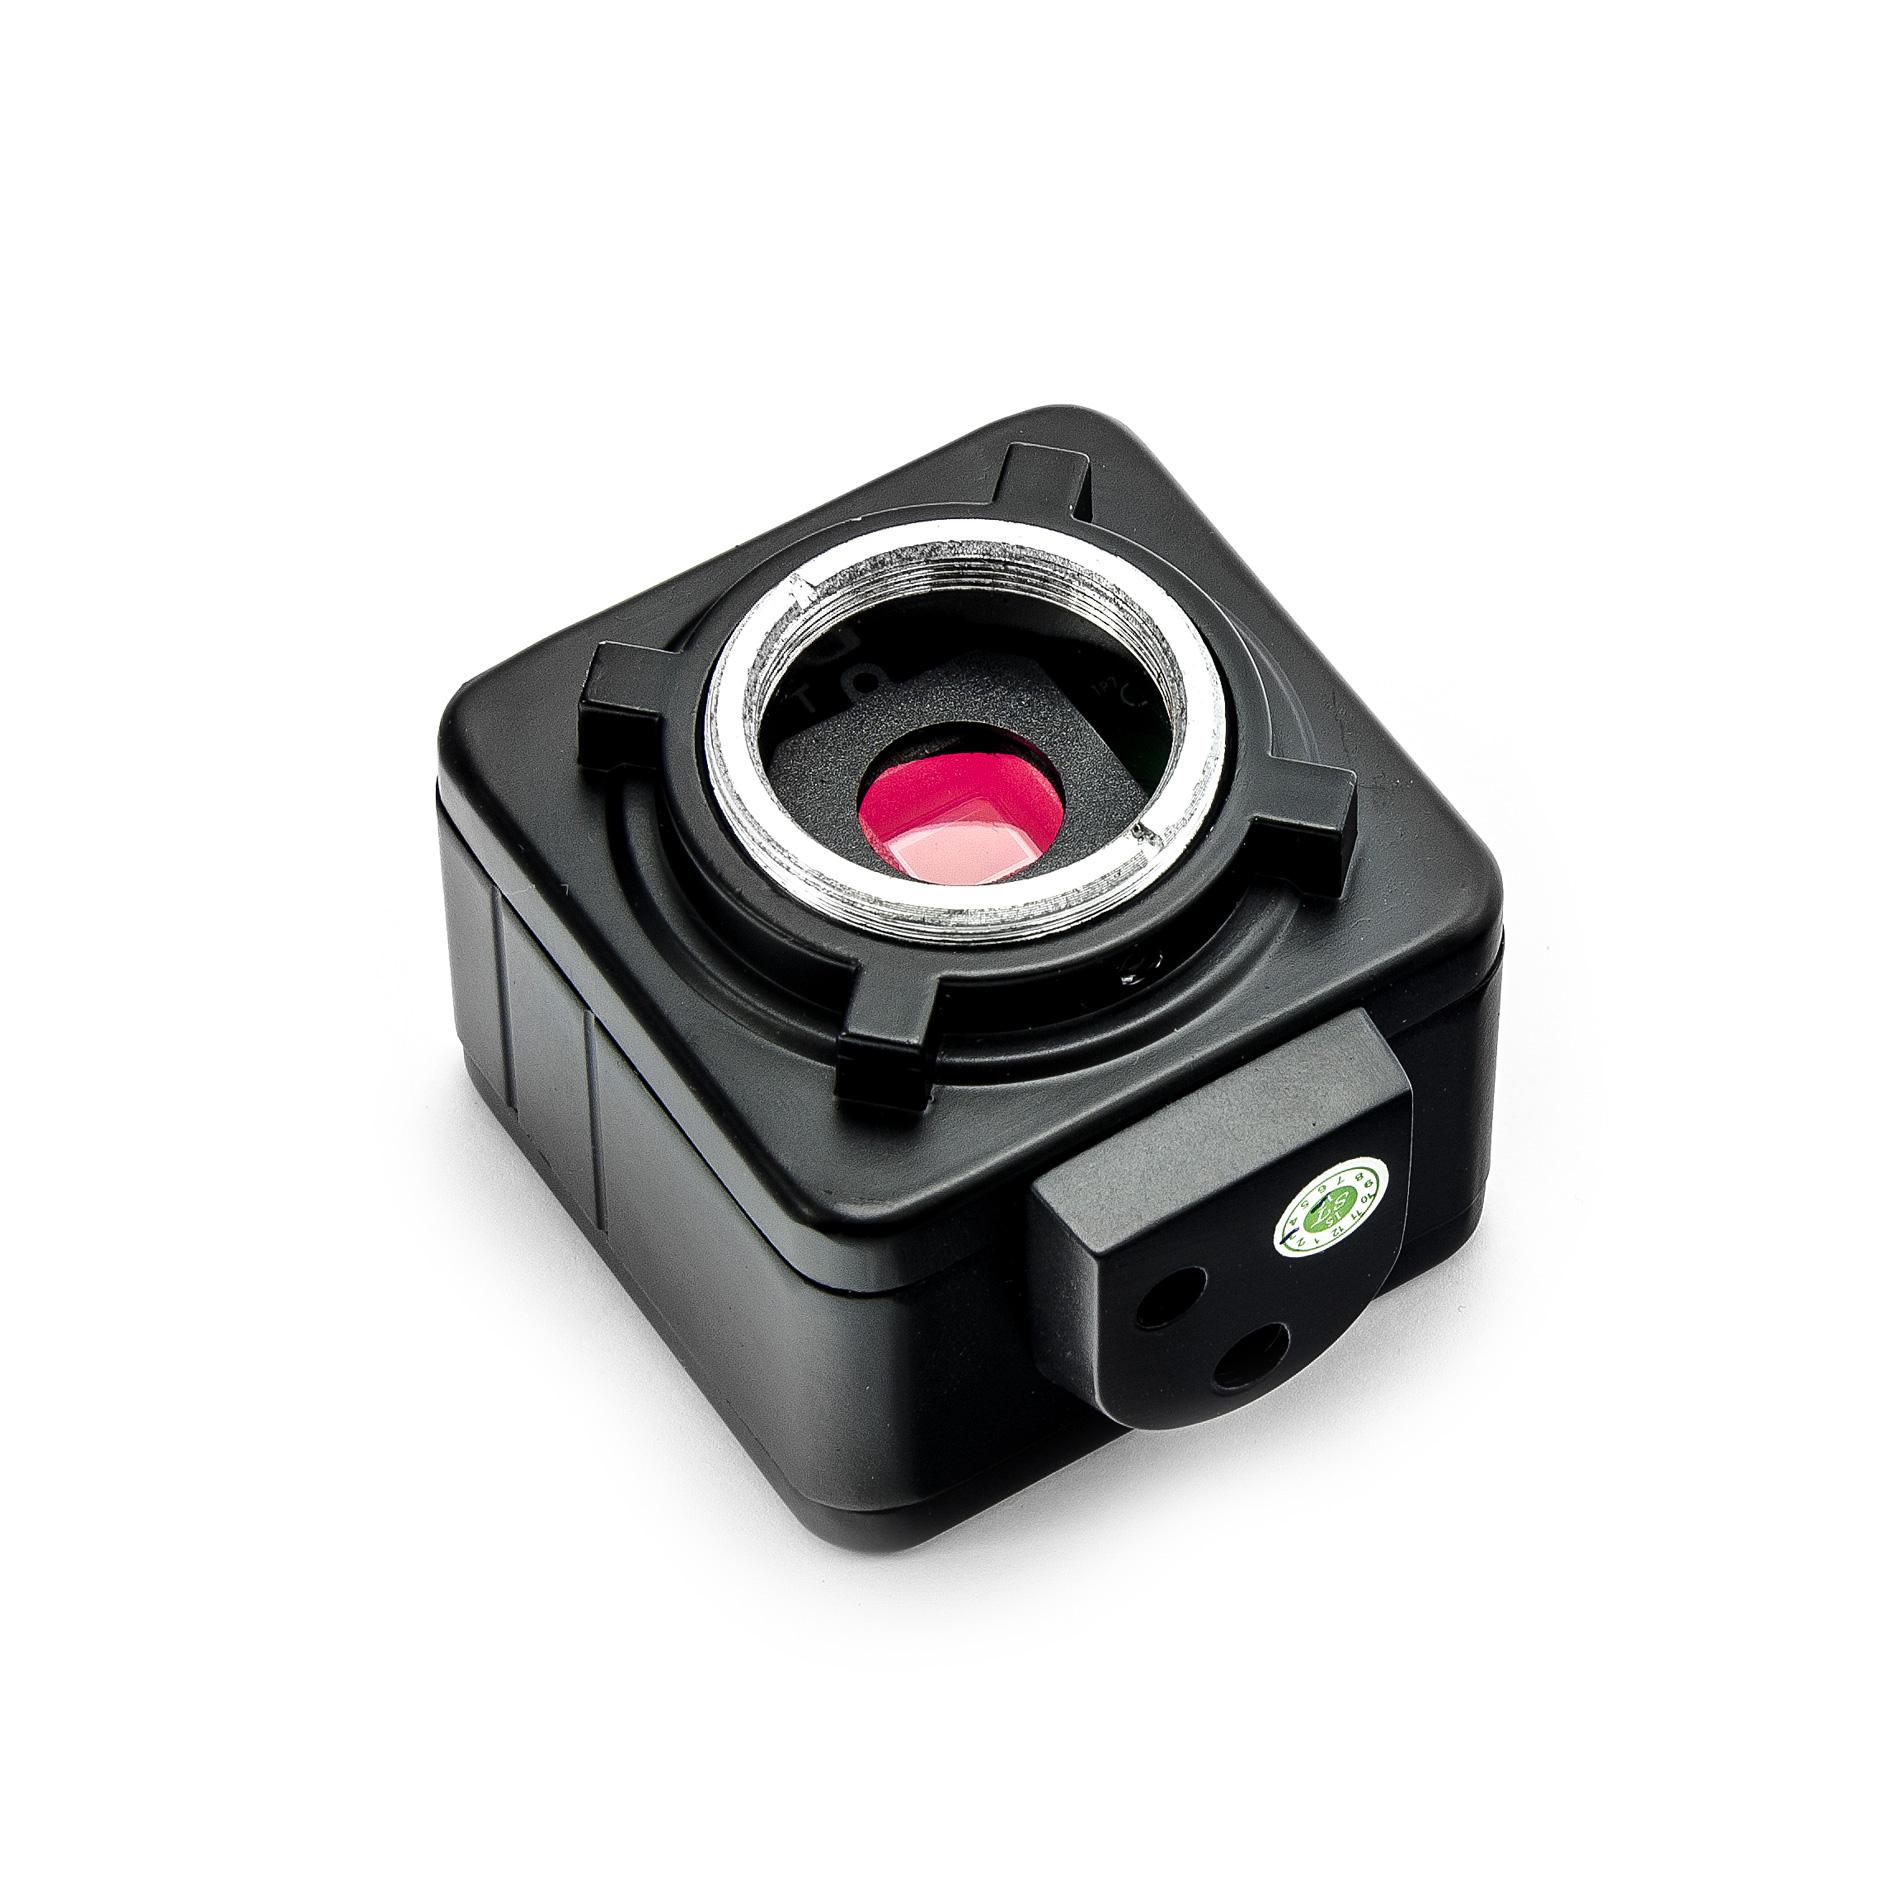 USB kamera pro okulárové mikroskopy Hi-res 3Mpix